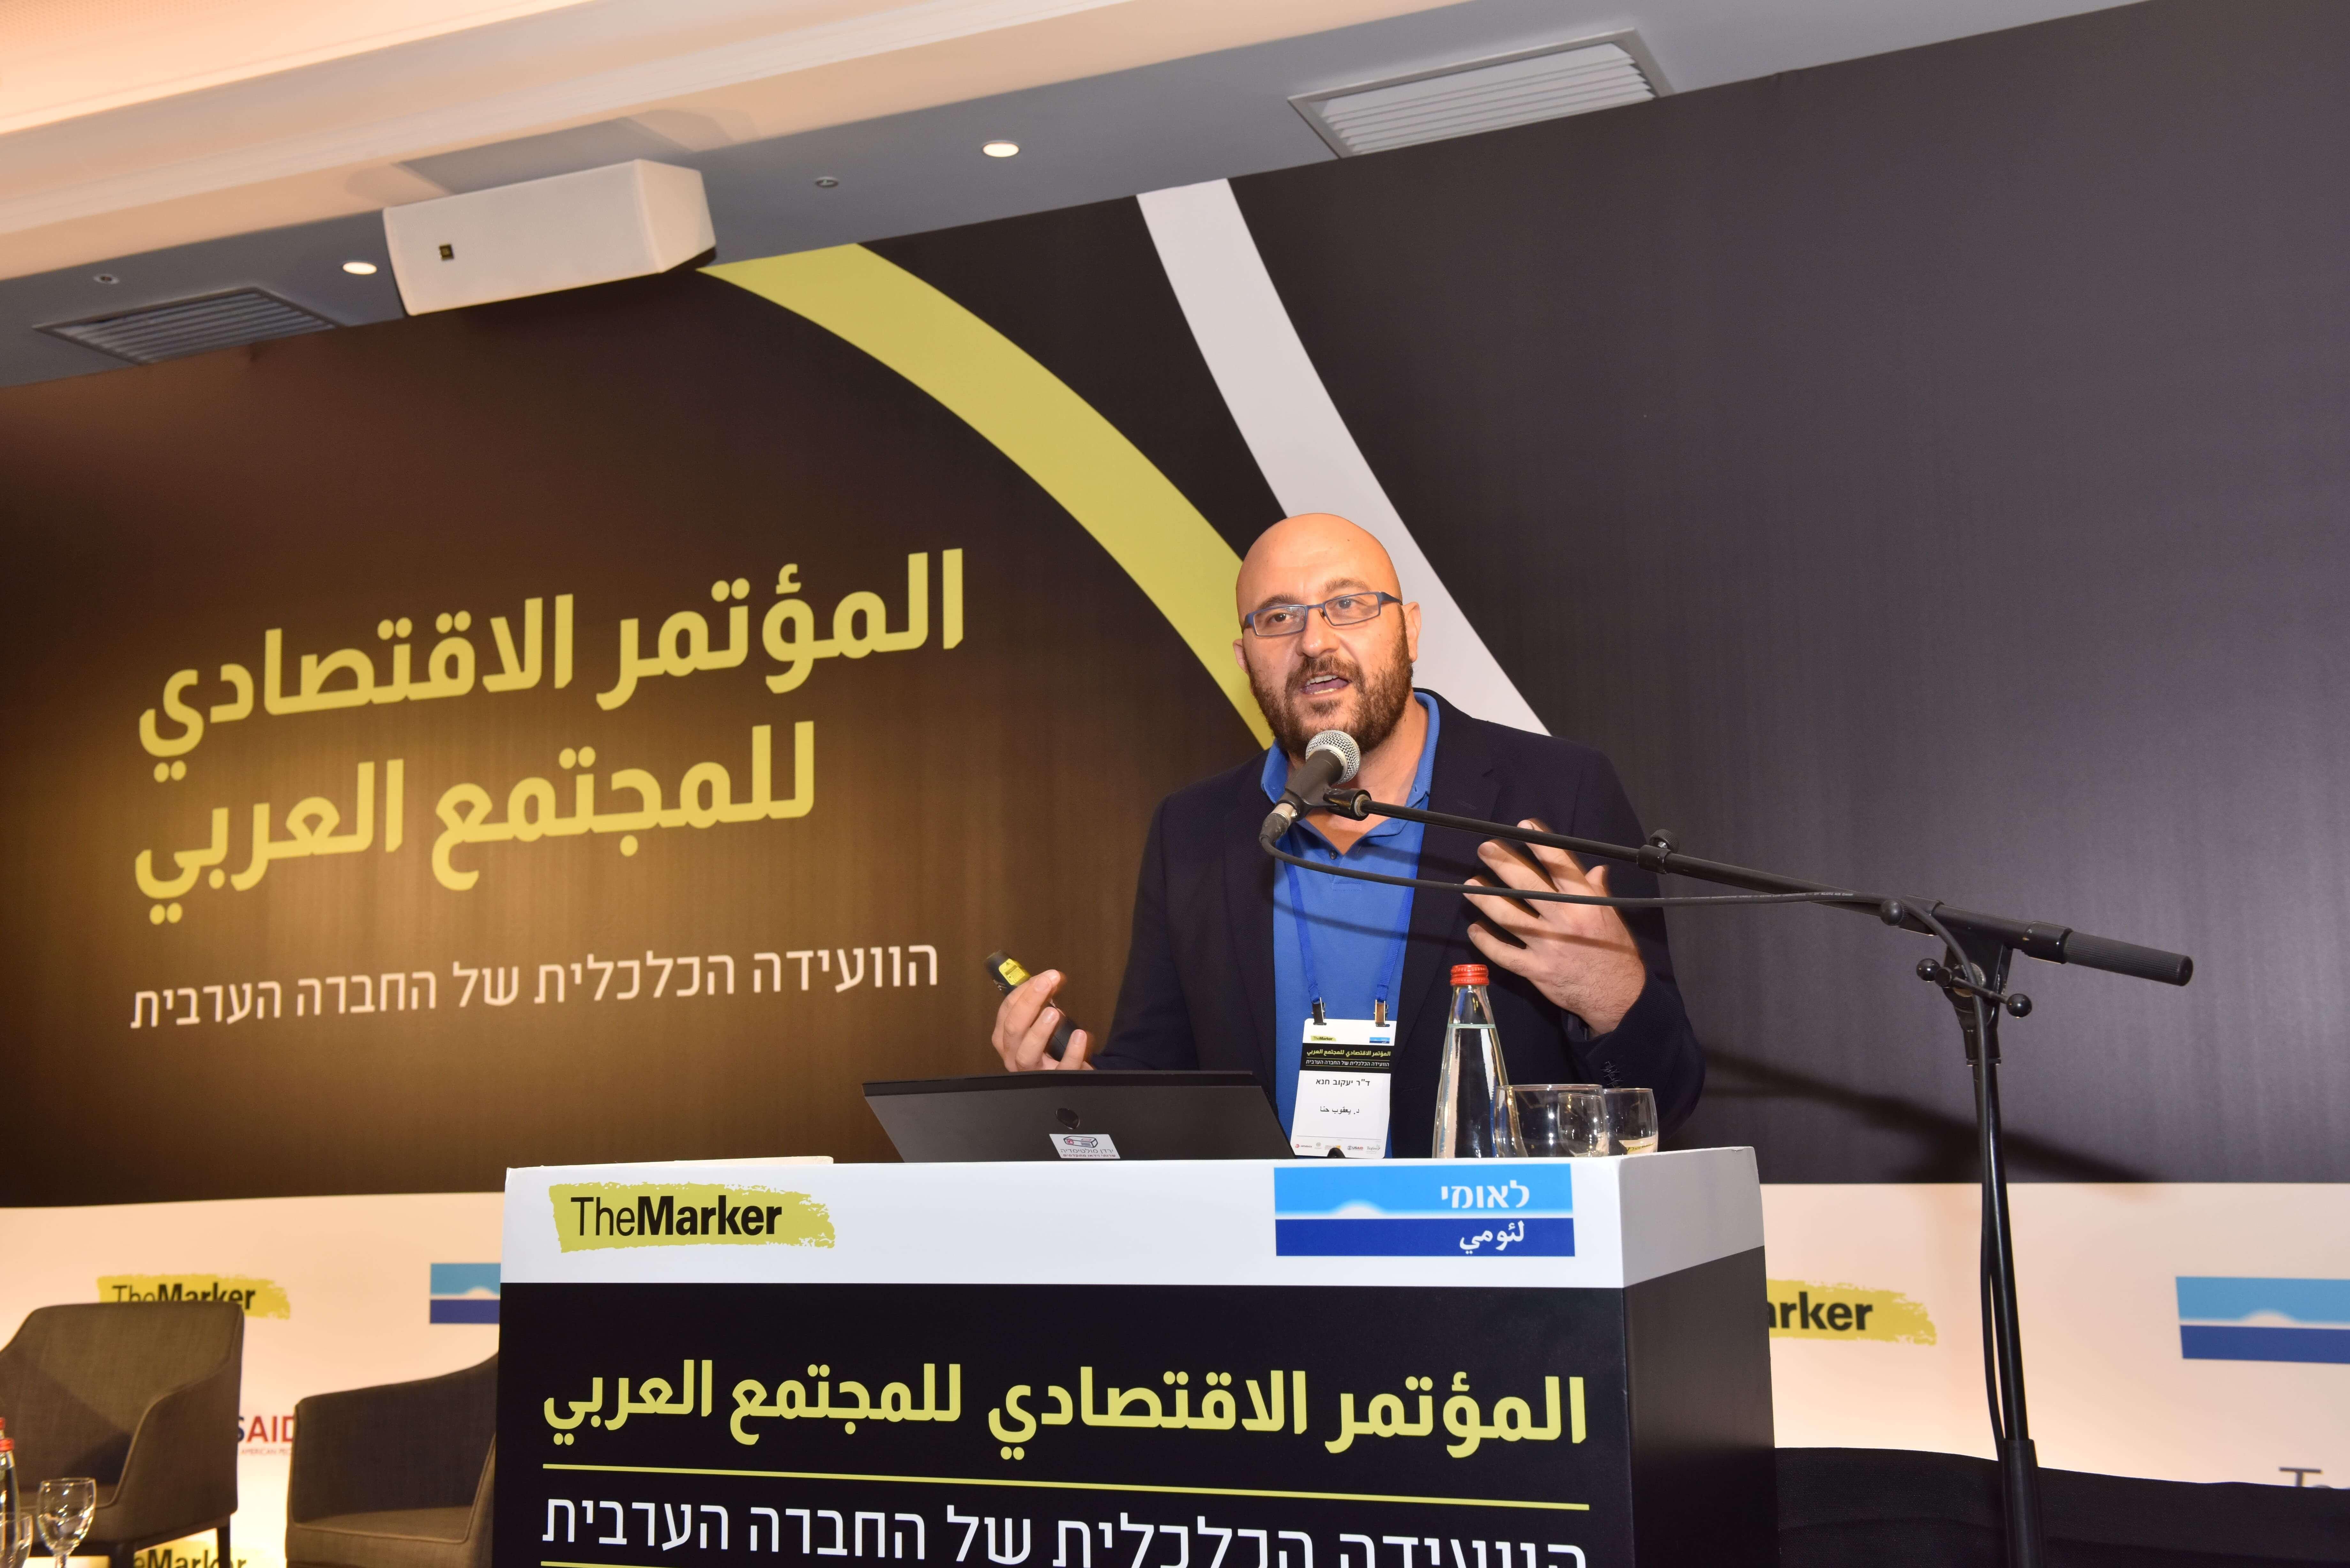 """نجاح كبير لـ """"المؤتمر الاقتصادي للمجتمع العربي """" لـ The Marker وبنك لئومي-4"""